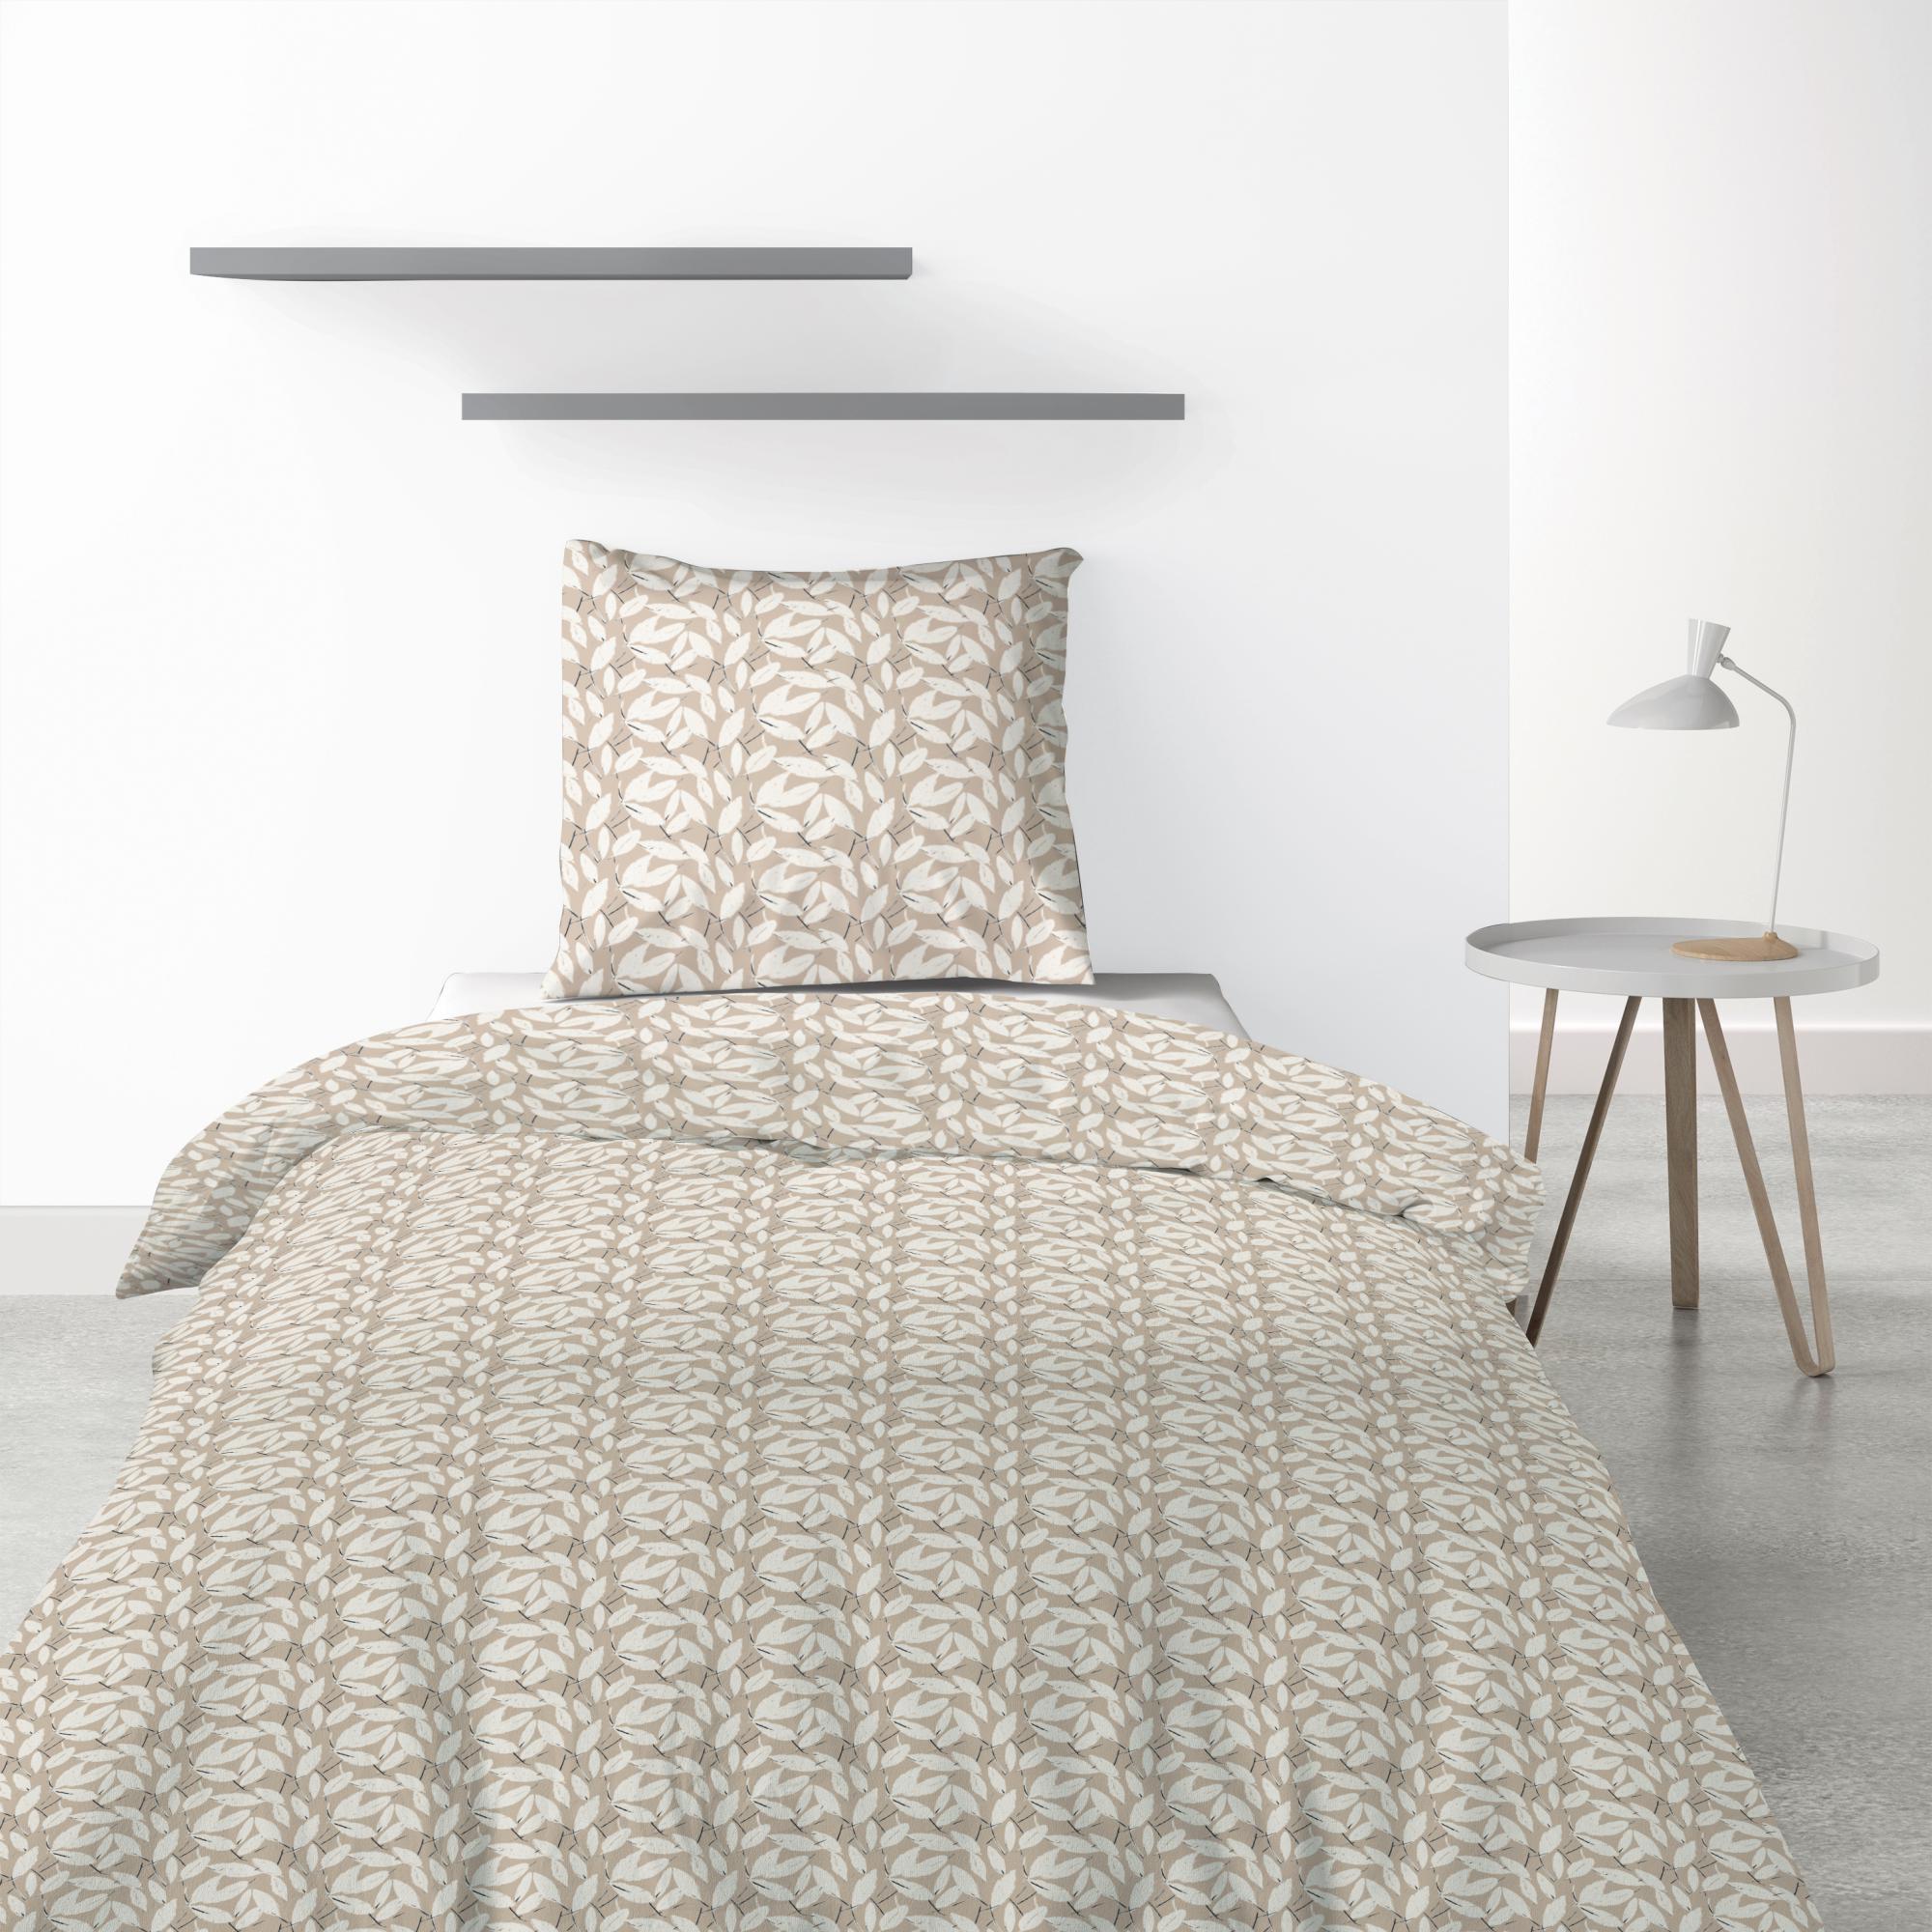 Parure de lit 1 personne Carmel avec housse de couette et taie d'oreiller Imprimé 140 x 200